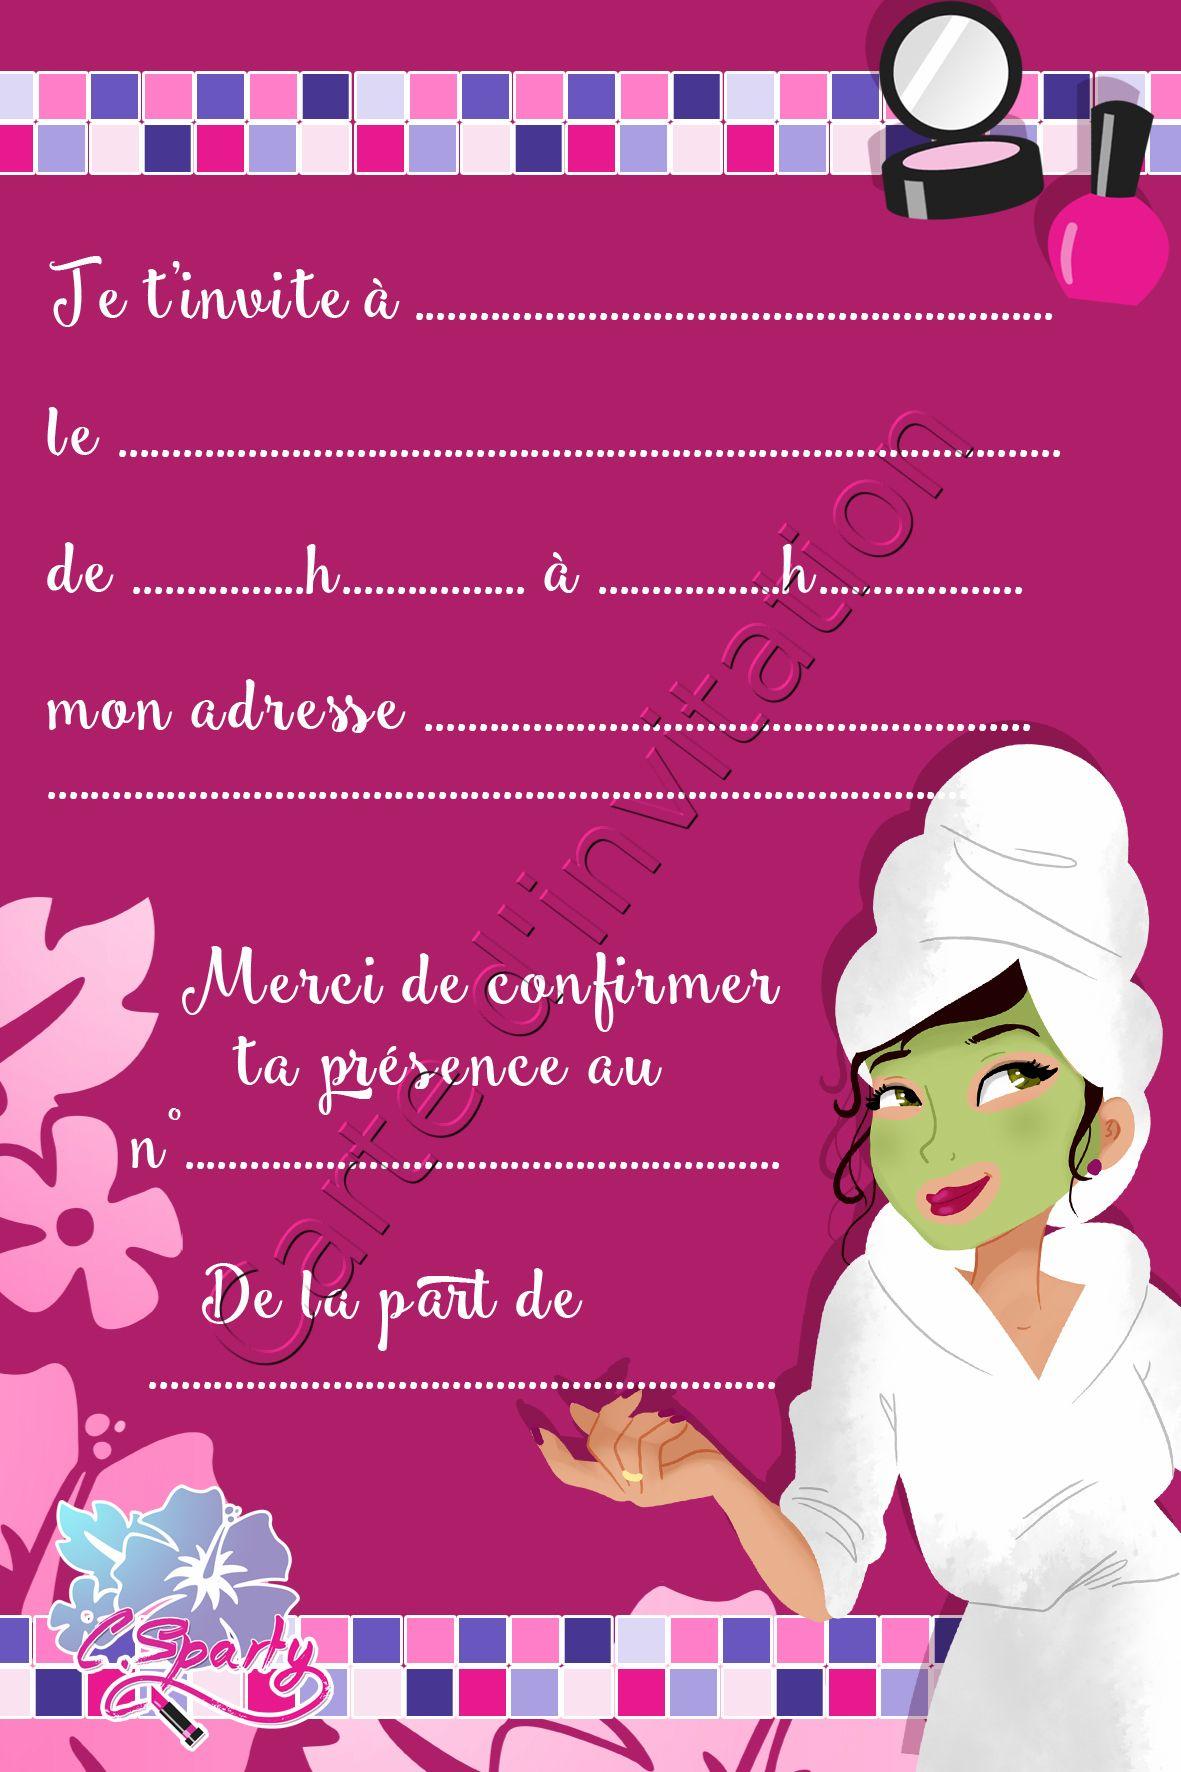 jolie carte d invitation pour spa party